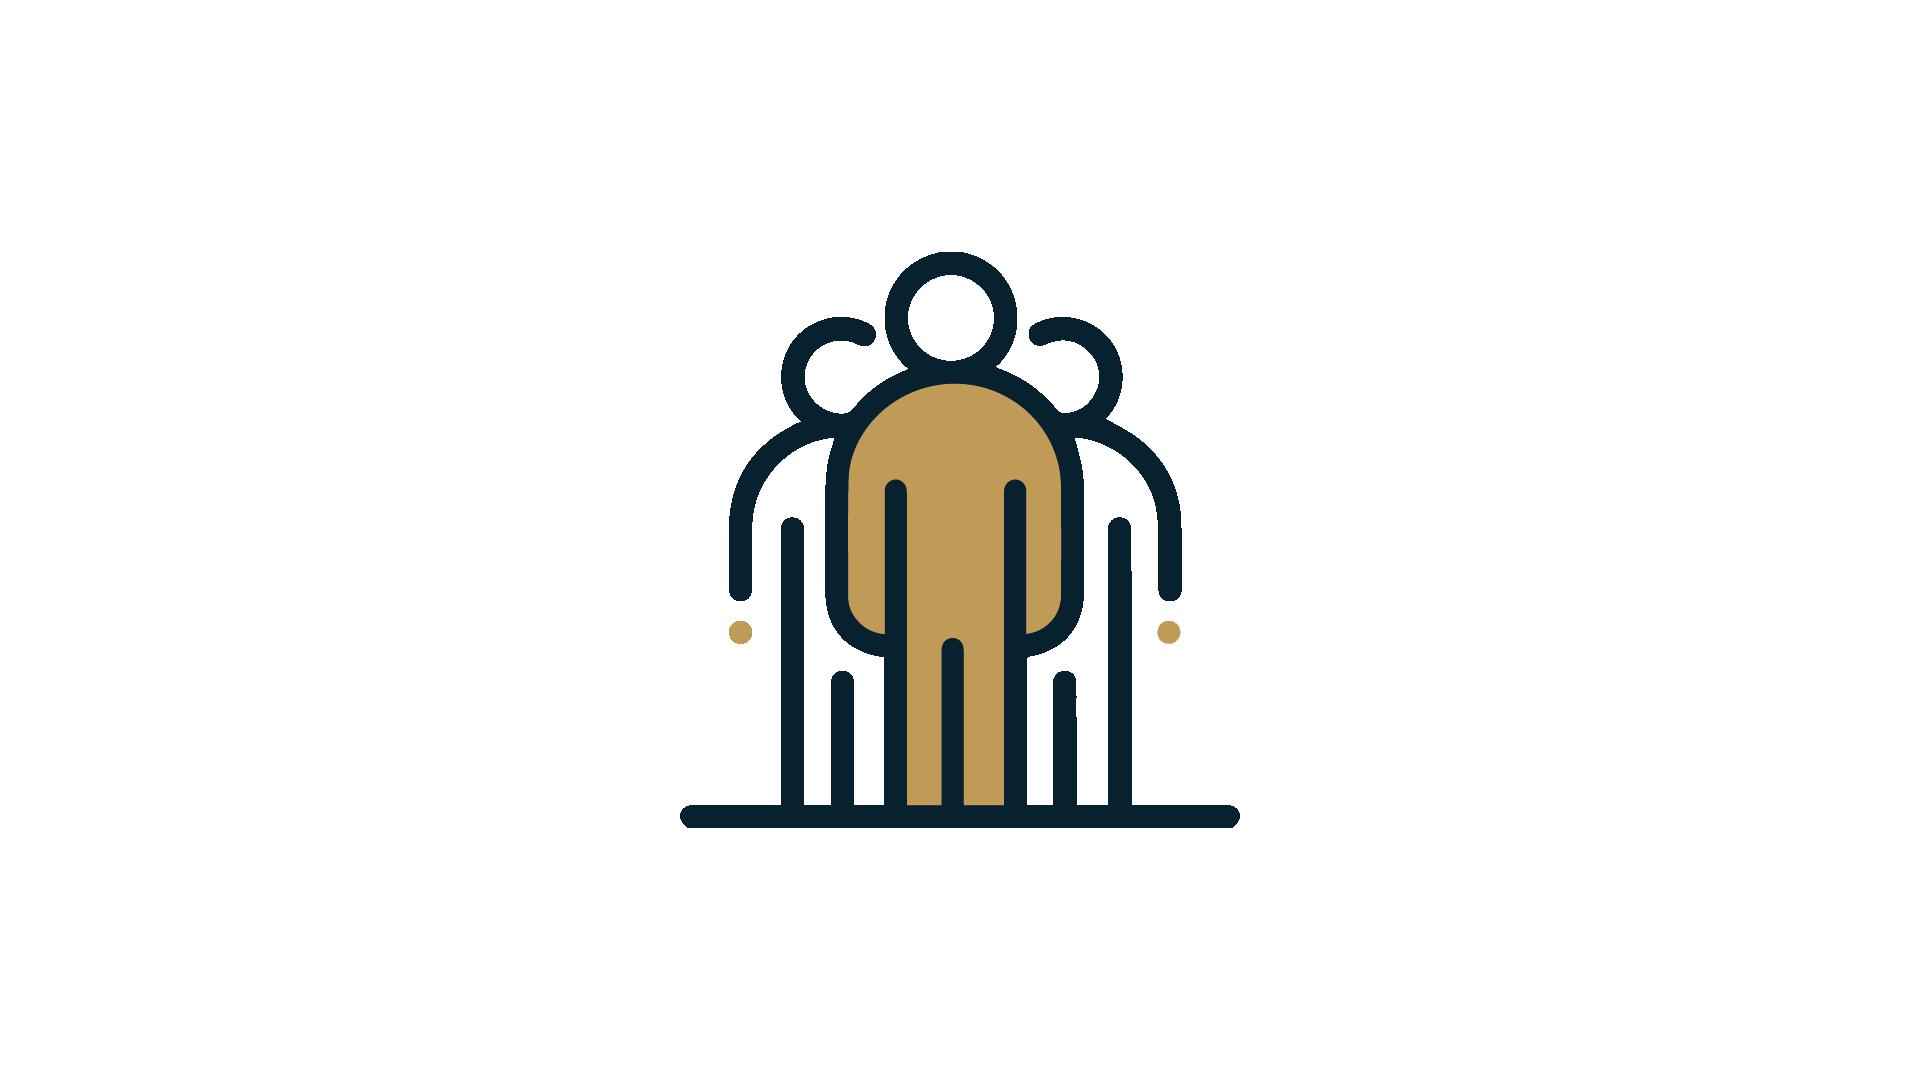 02. PRÉSÉLECTIONNER - Le logiciel eRHgo effectue une première sélection automatique qui cible uniquement les candidats ayant les capacités à exercer le métier.